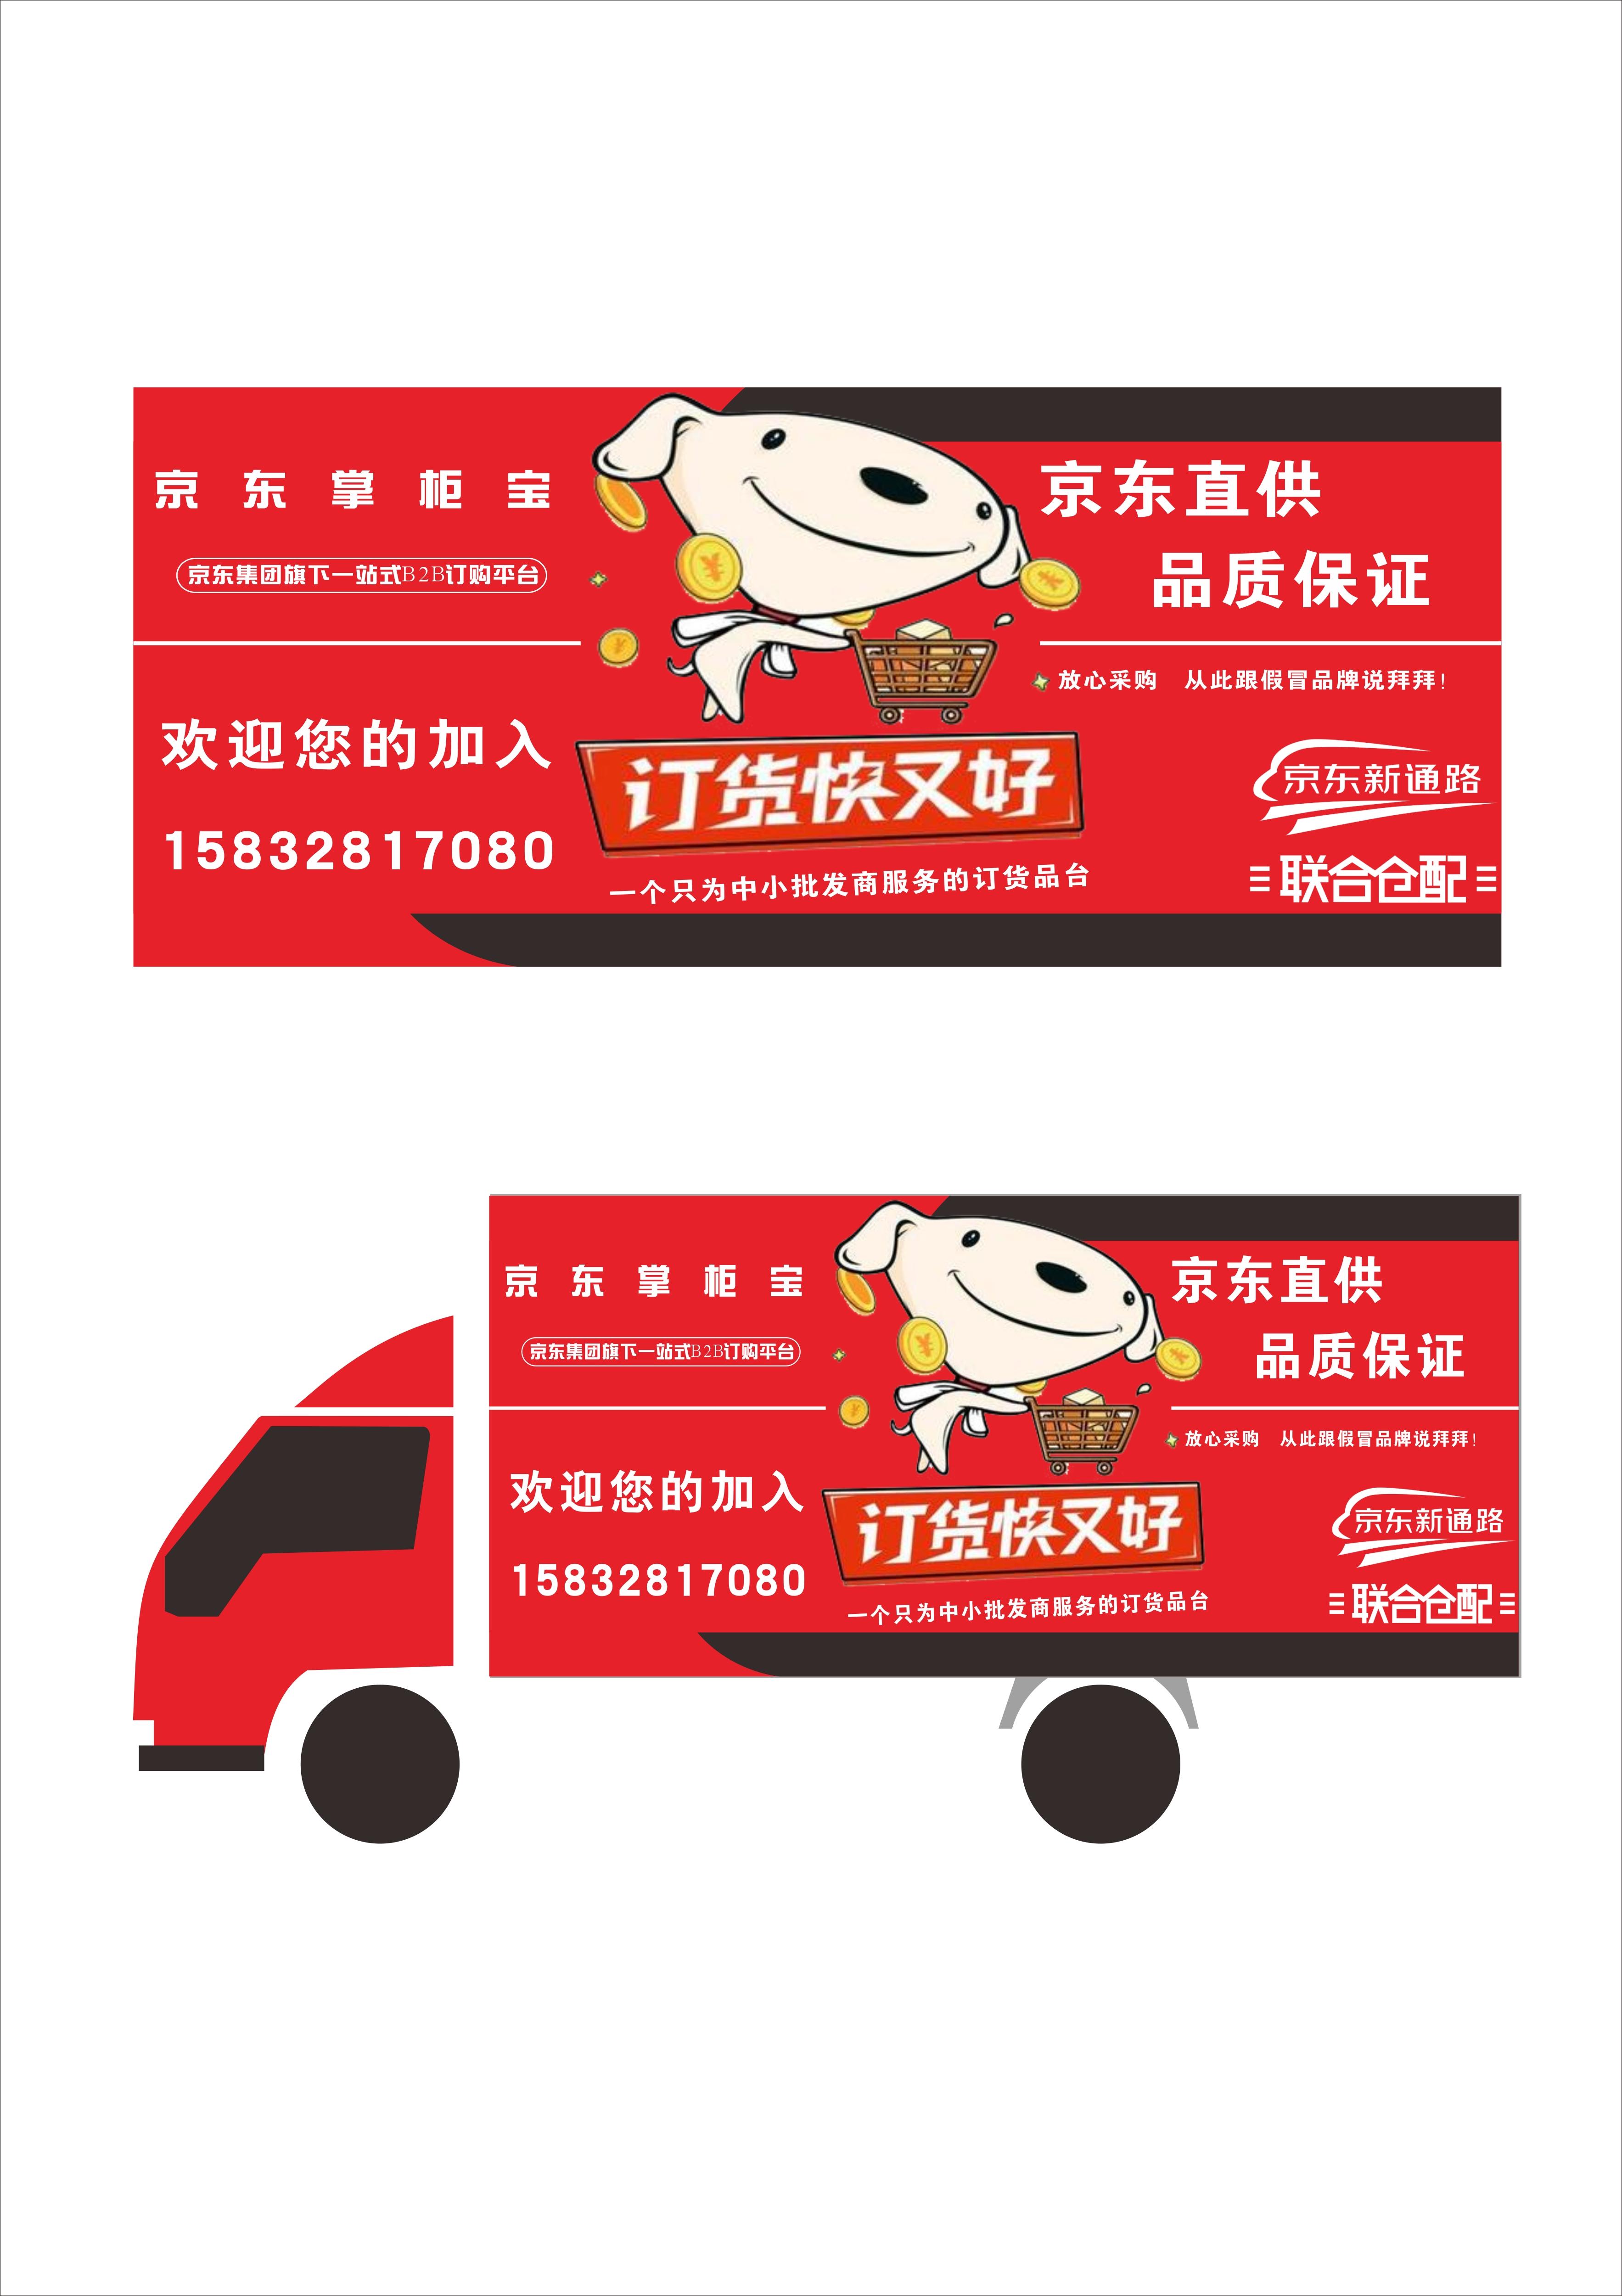 京东掌柜宝(京东新通路)车体广告_3029719_k68威客网